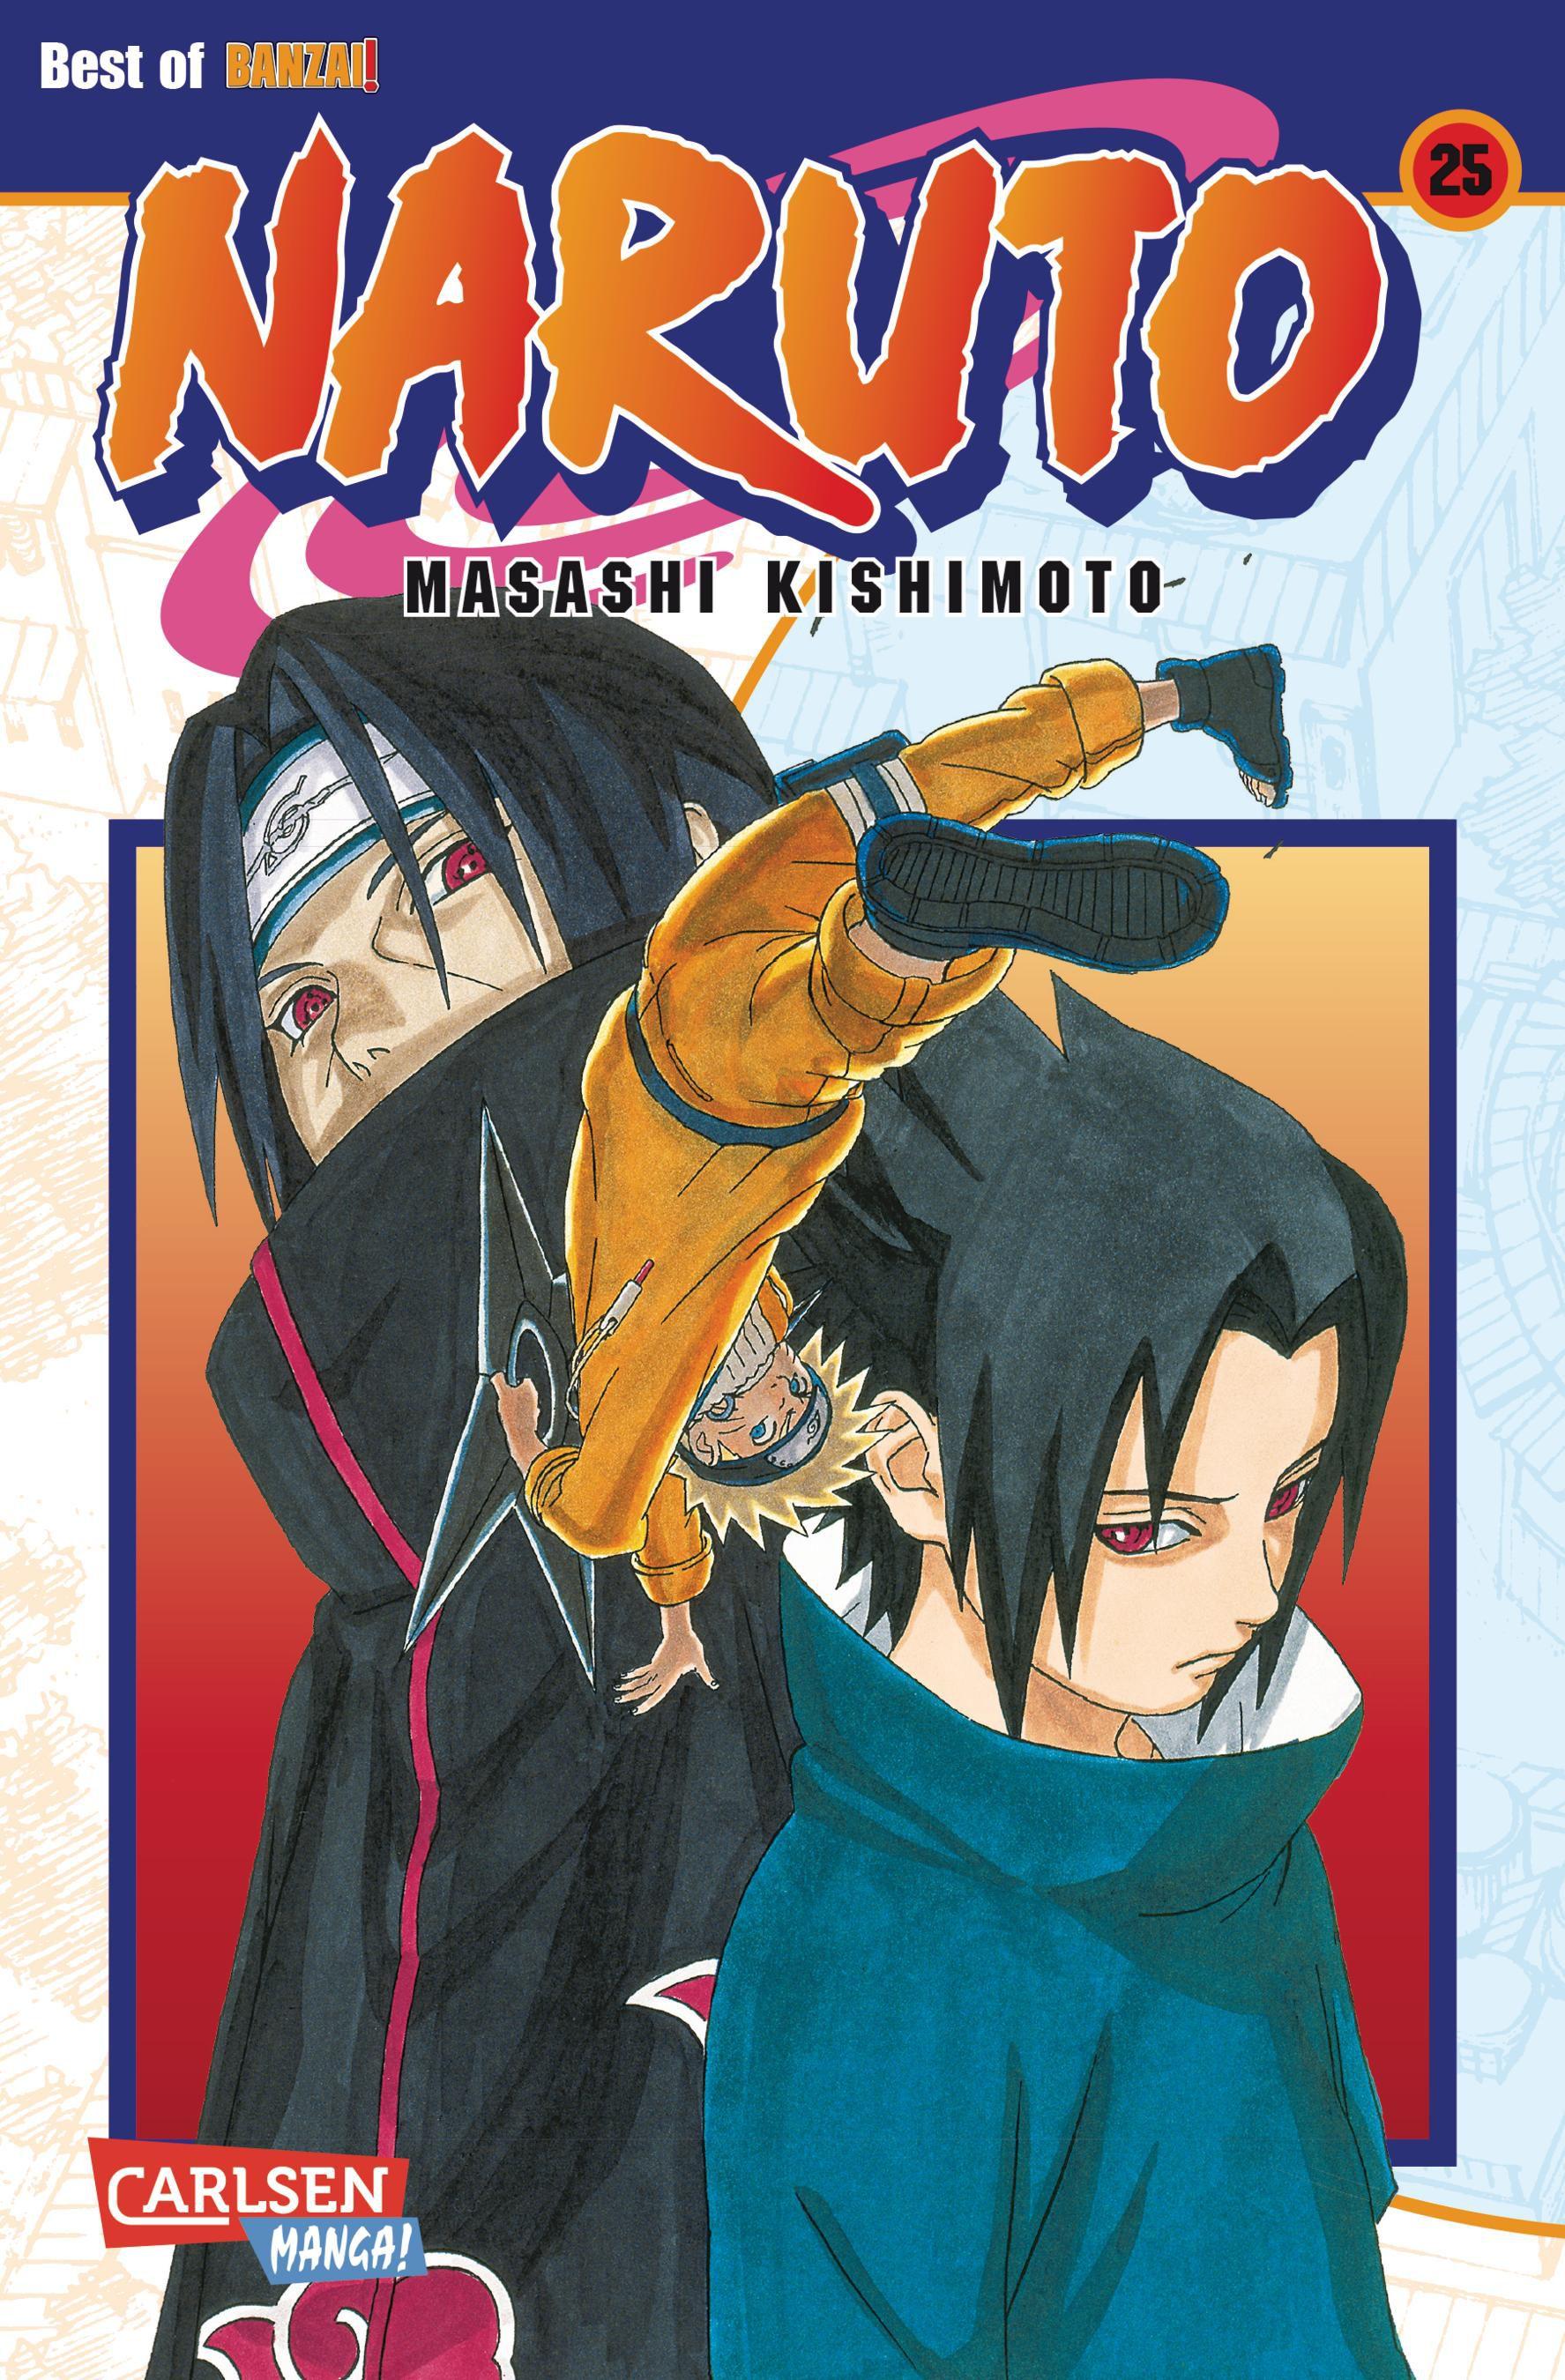 Masashi Kishimoto ~ Naruto 25 9783551774255